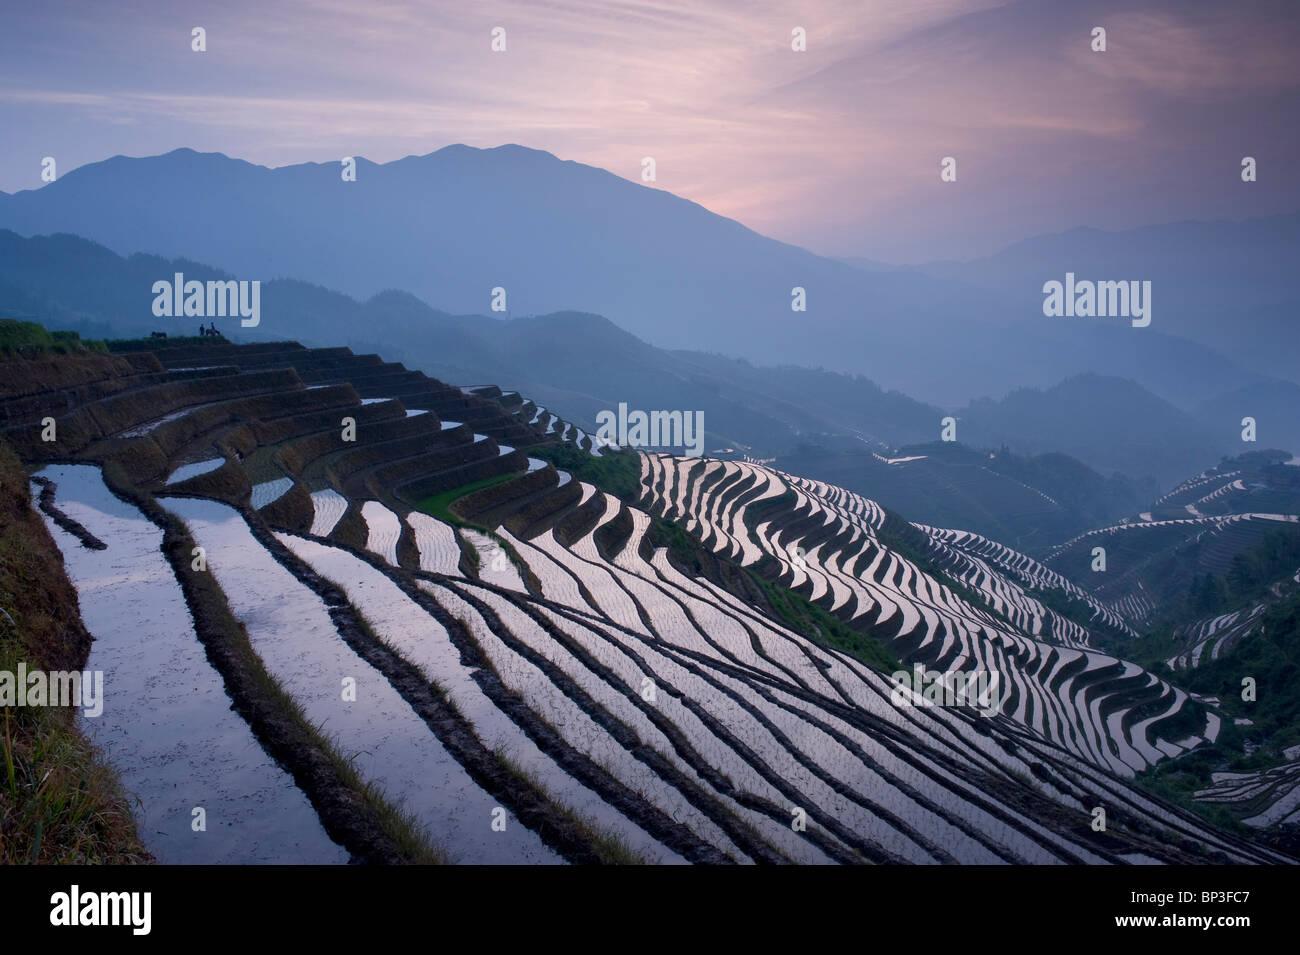 Tramonto a Dragon's Backbone terrazze di riso vicino Yao villaggio di Dazhai, provincia di Guangxi Cina, Immagini Stock